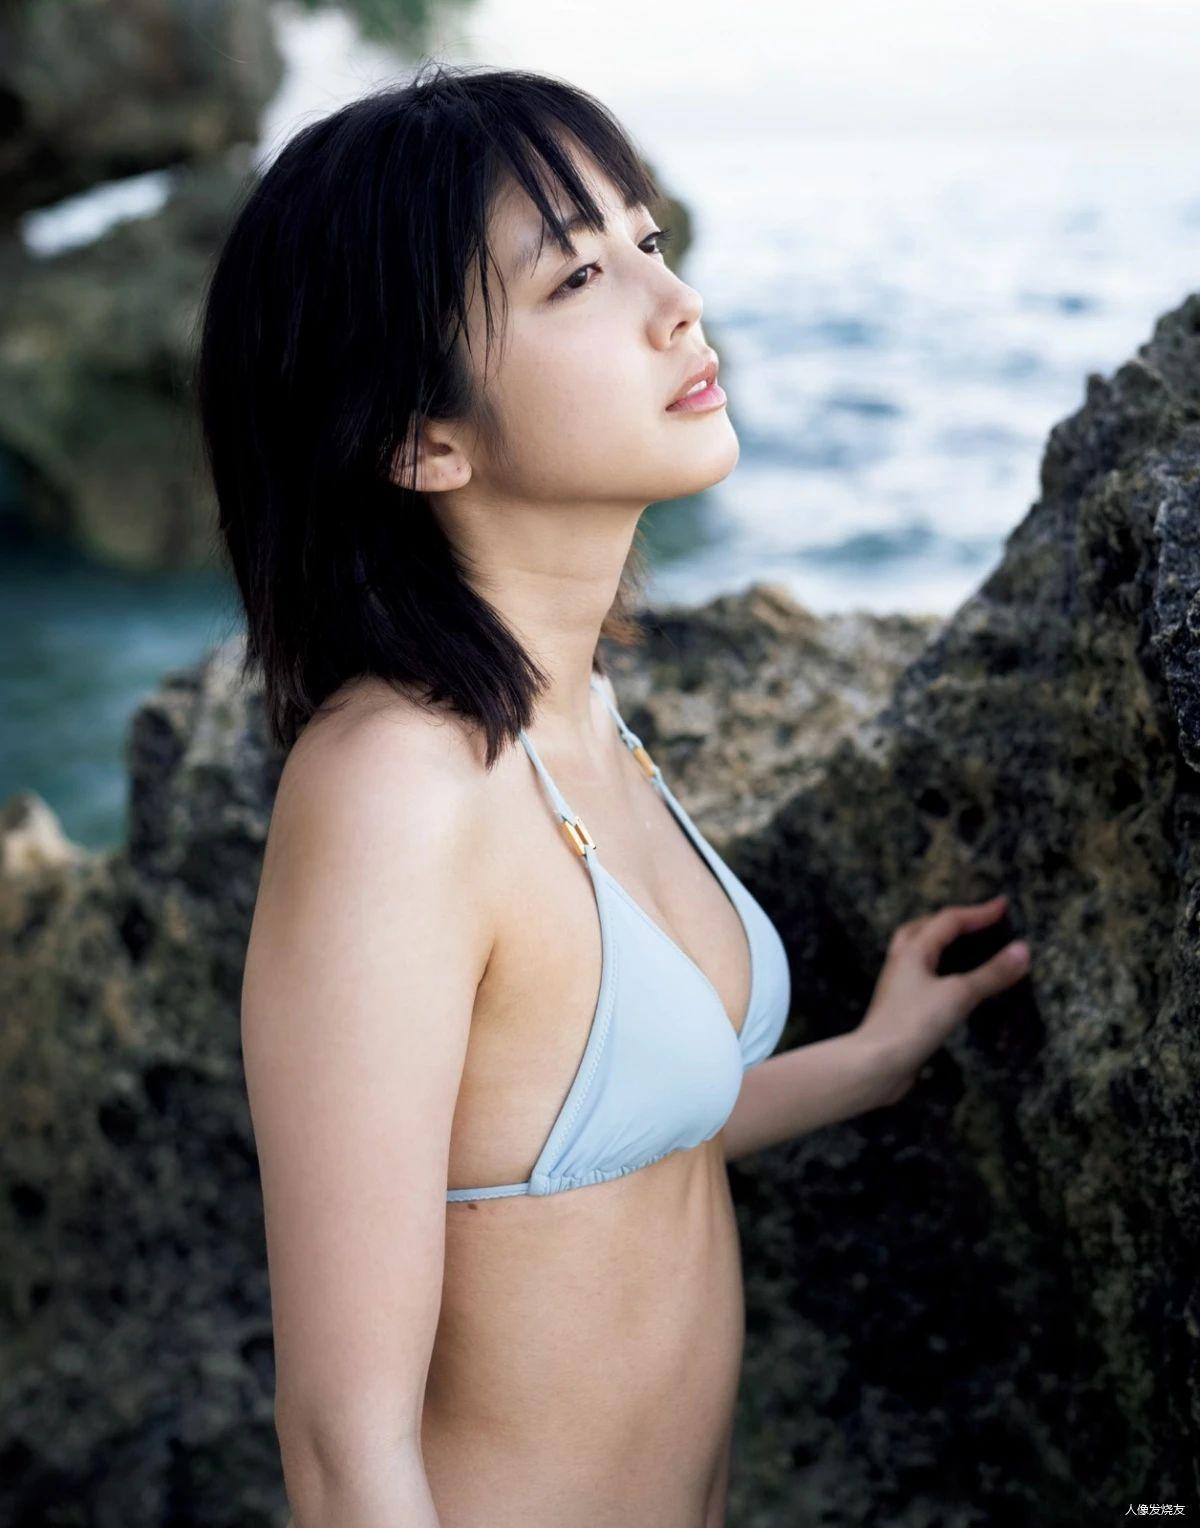 一双治愈力十足的大眼美女松田瑠华(松田流花)写真作品 (66)